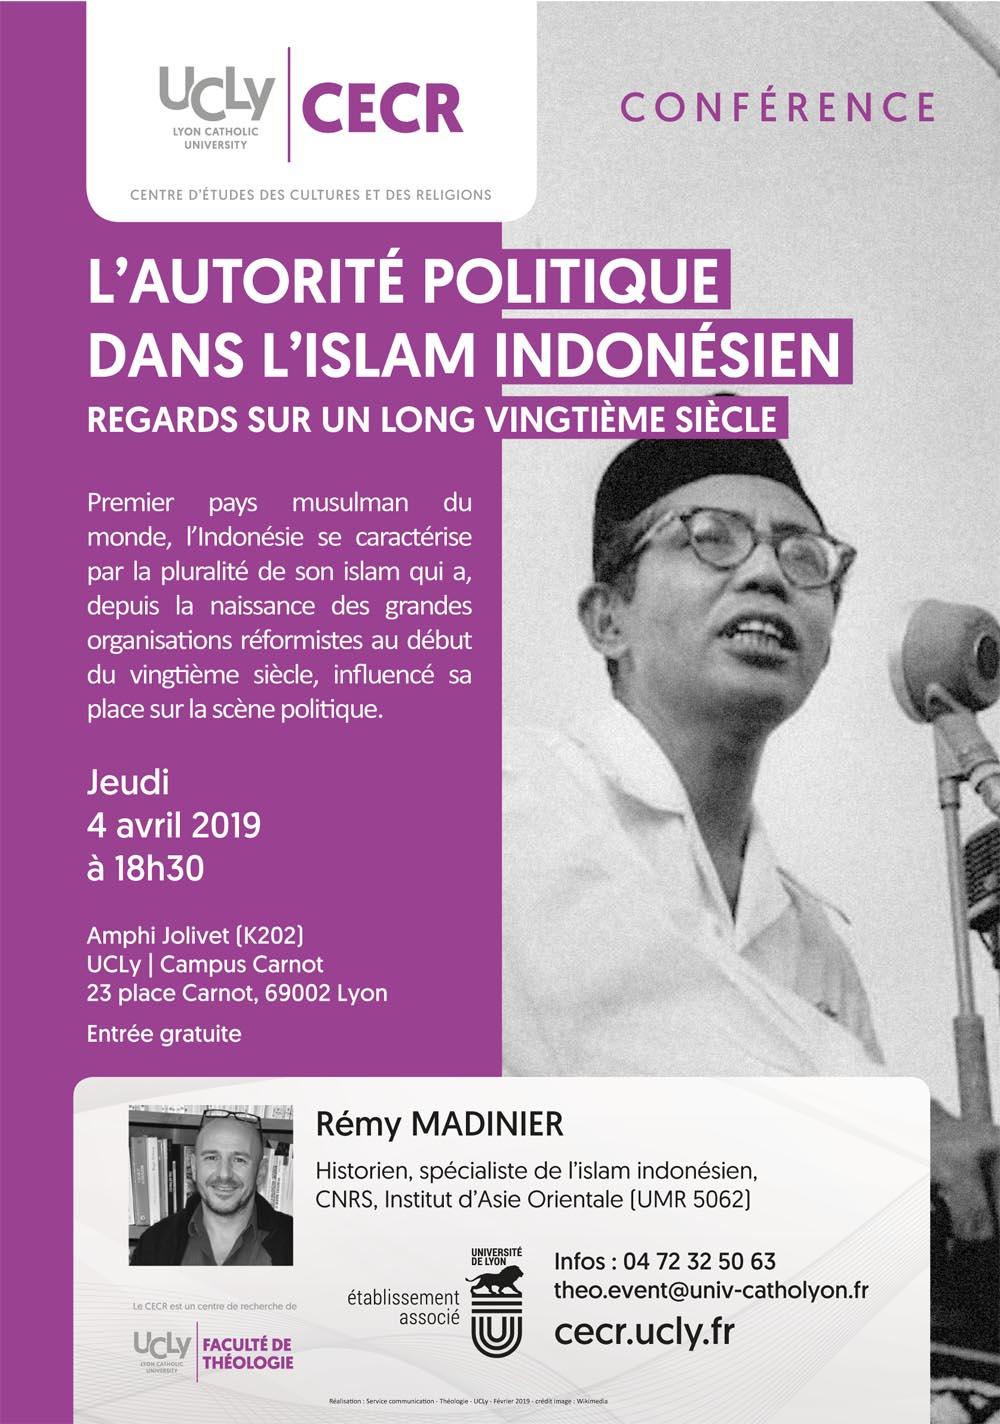 Conférence : Rémy Madinier